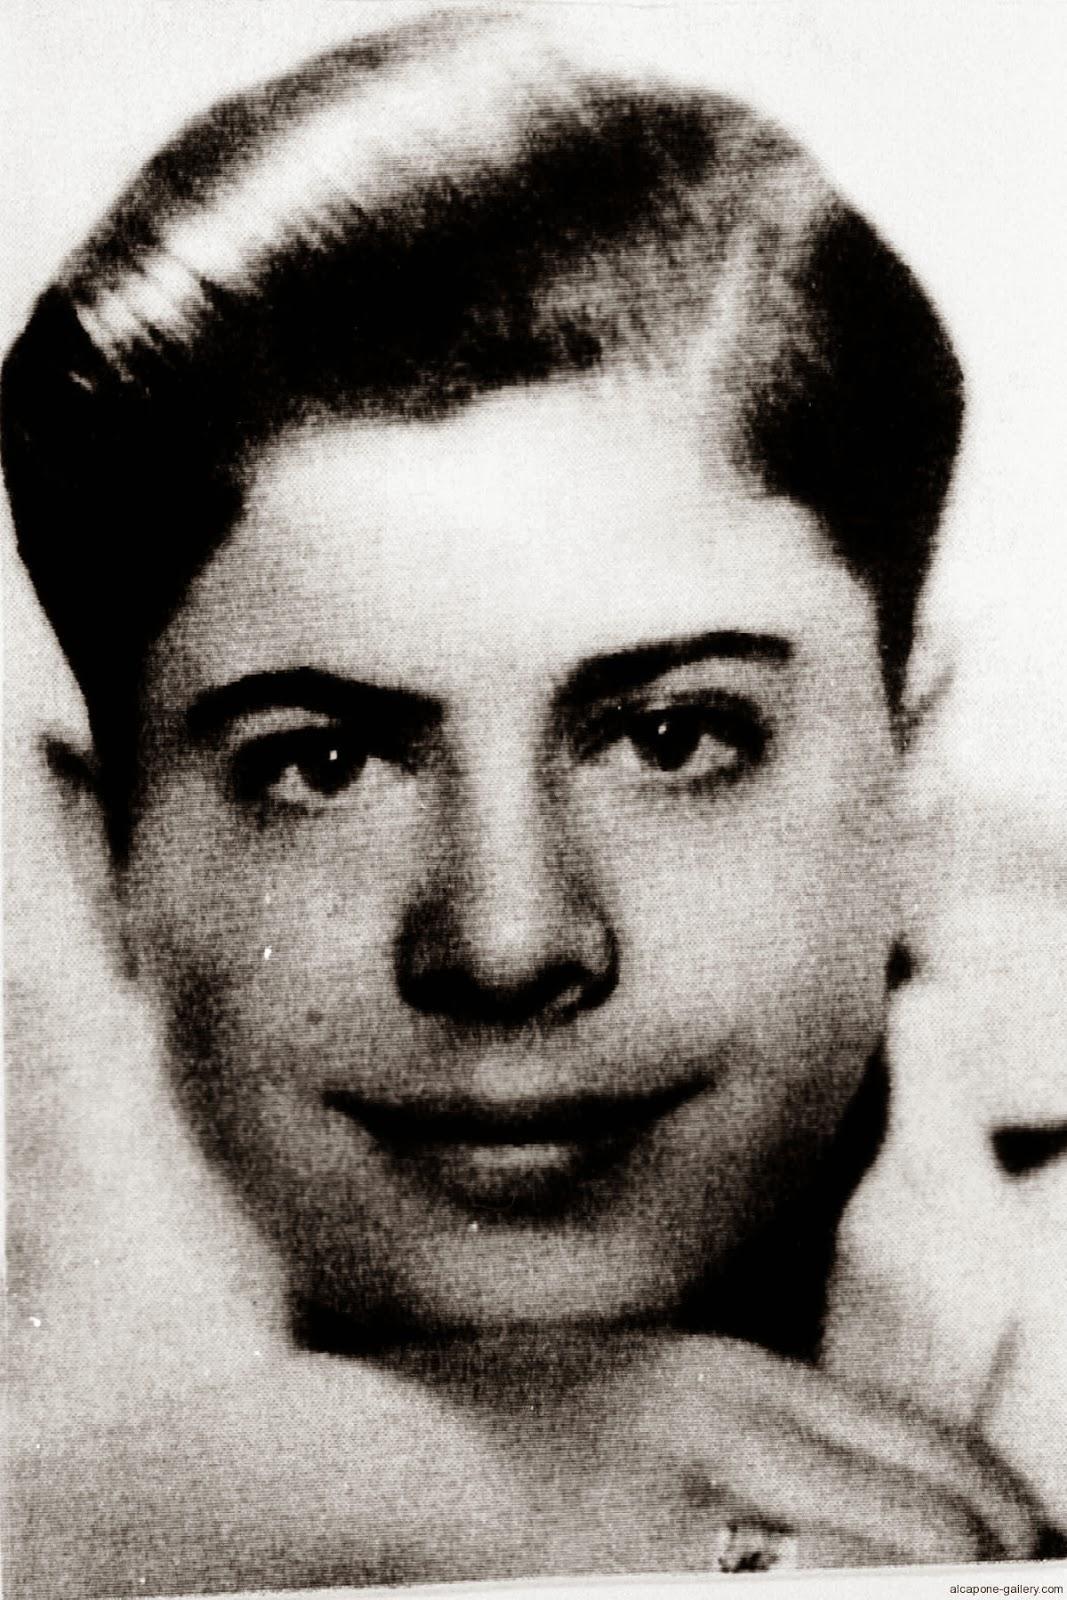 Alphonse Gabriel Capone Pecino (Al Capone)